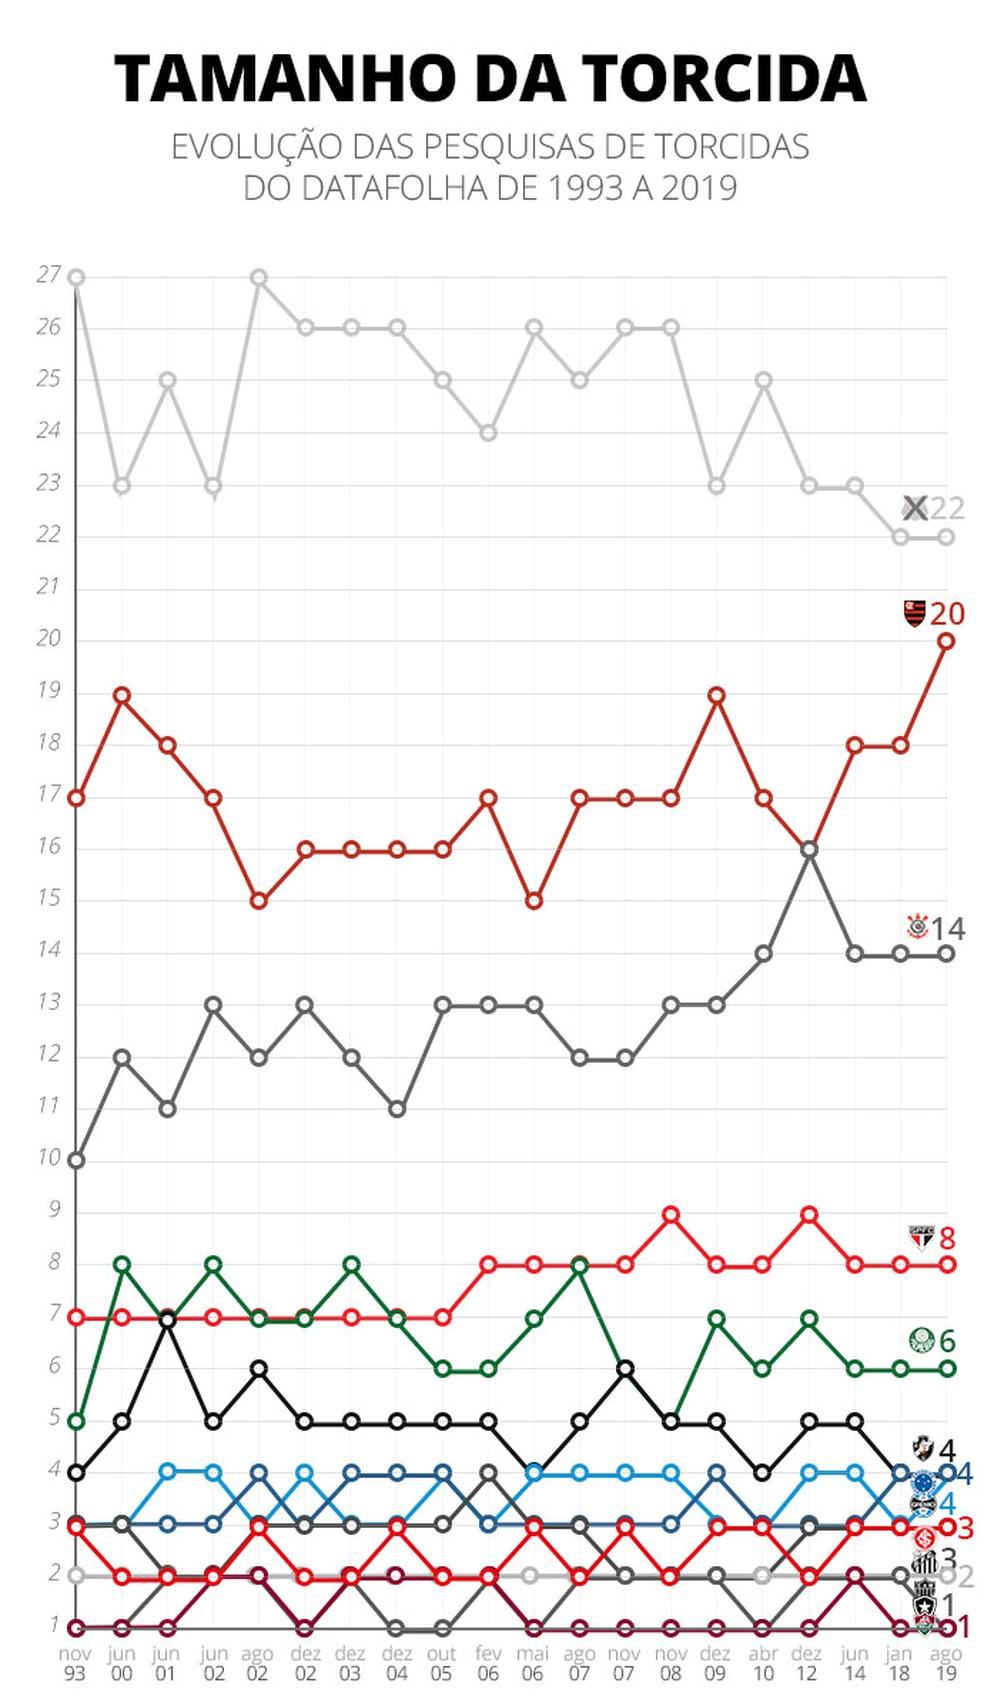 De 1993 a 2019, veja a evolução das torcidas nas pesquisas do Datafolha — Foto: Infoesporte